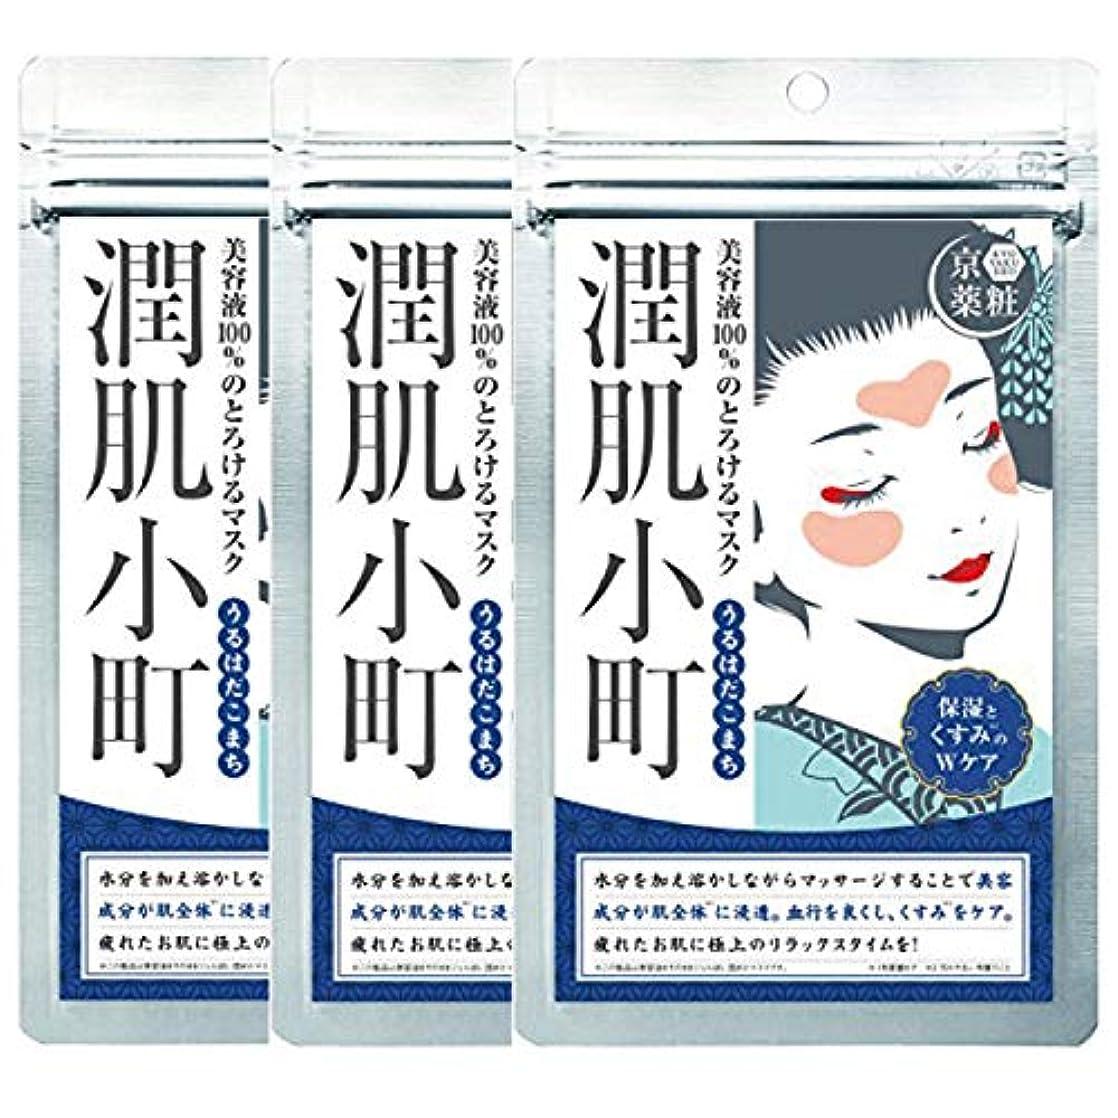 ぬれた腫瘍記者京薬粧 潤肌小町 潤いマスク ×3セット